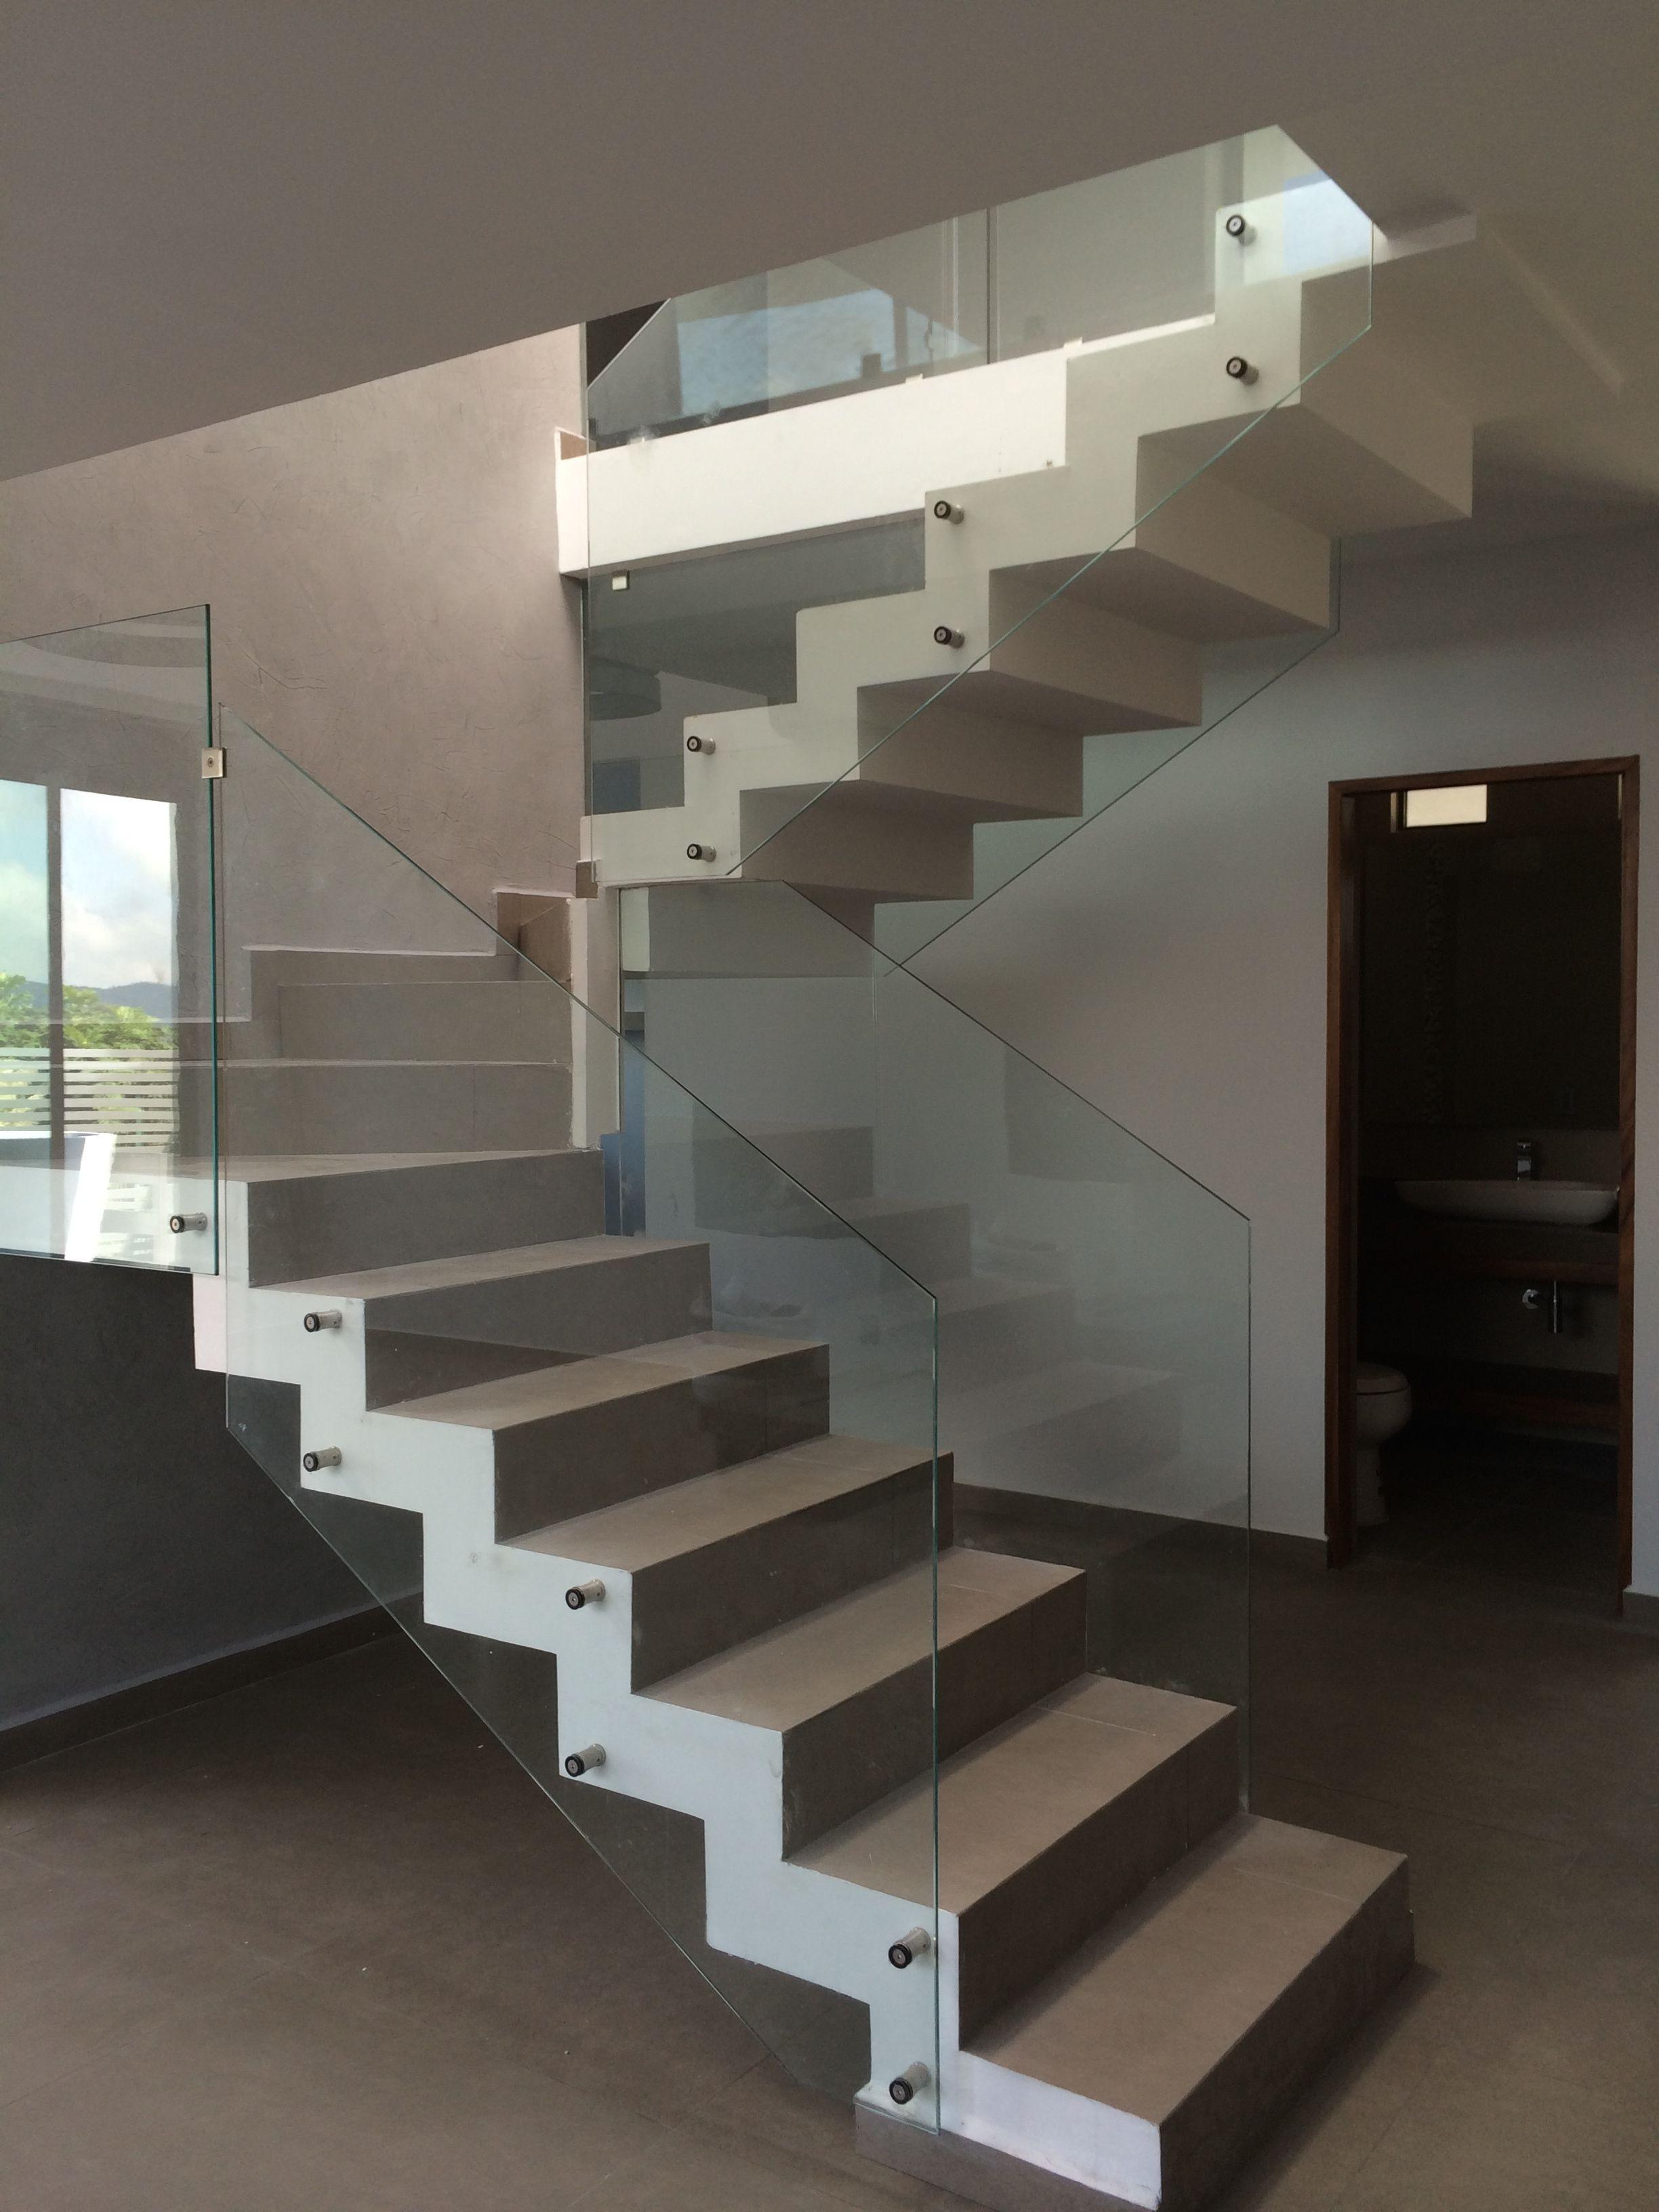 Escalera Te Espero Arriba O Abajo Design De Escadas Design De Escada Escadas Modernas